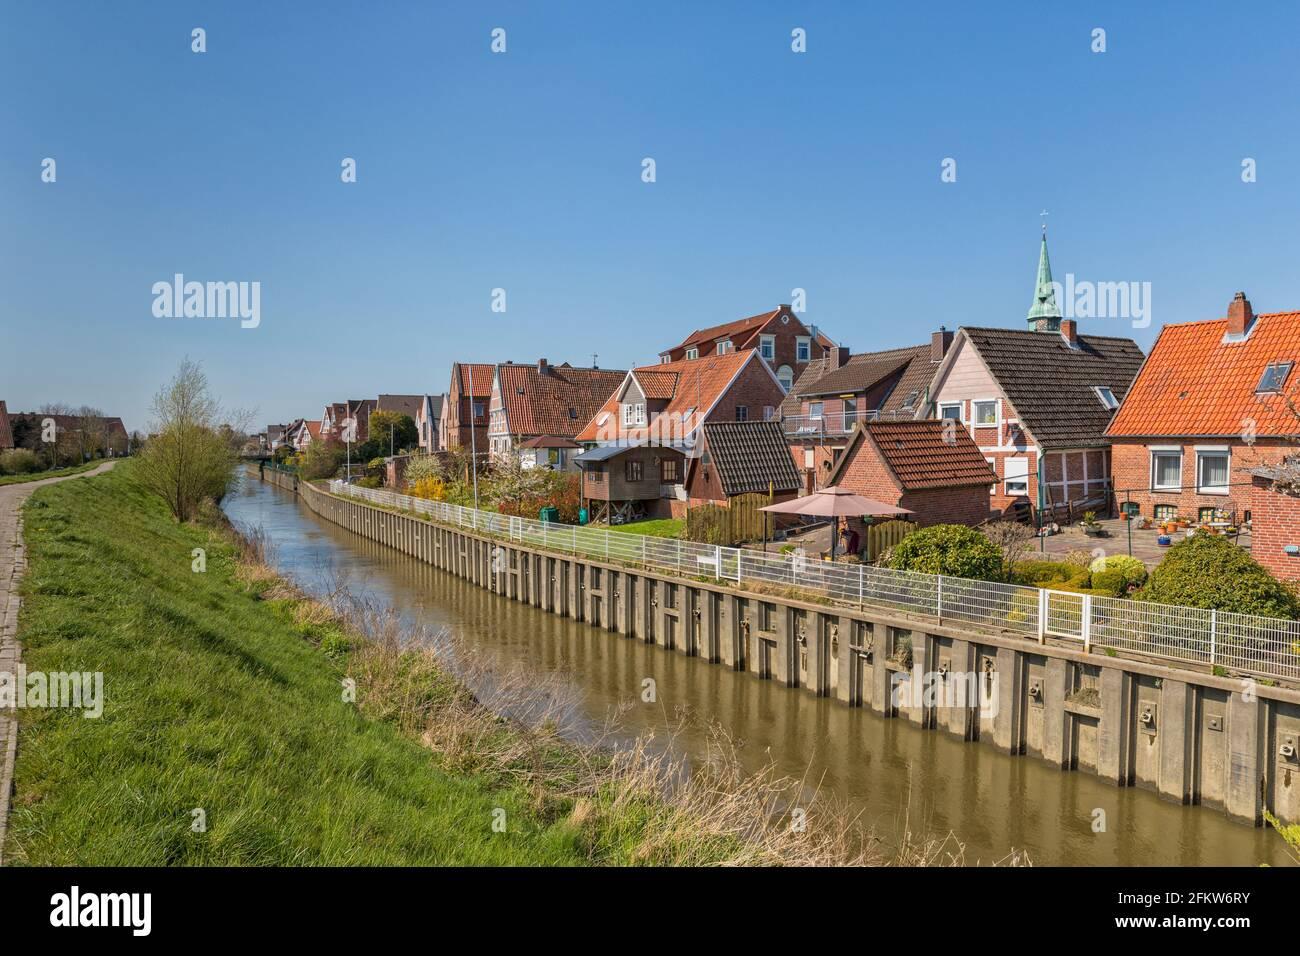 La rivière Lühe traverse le village de Steinkirchen dans la région des Altes de Basse-Saxe, Gemany Banque D'Images